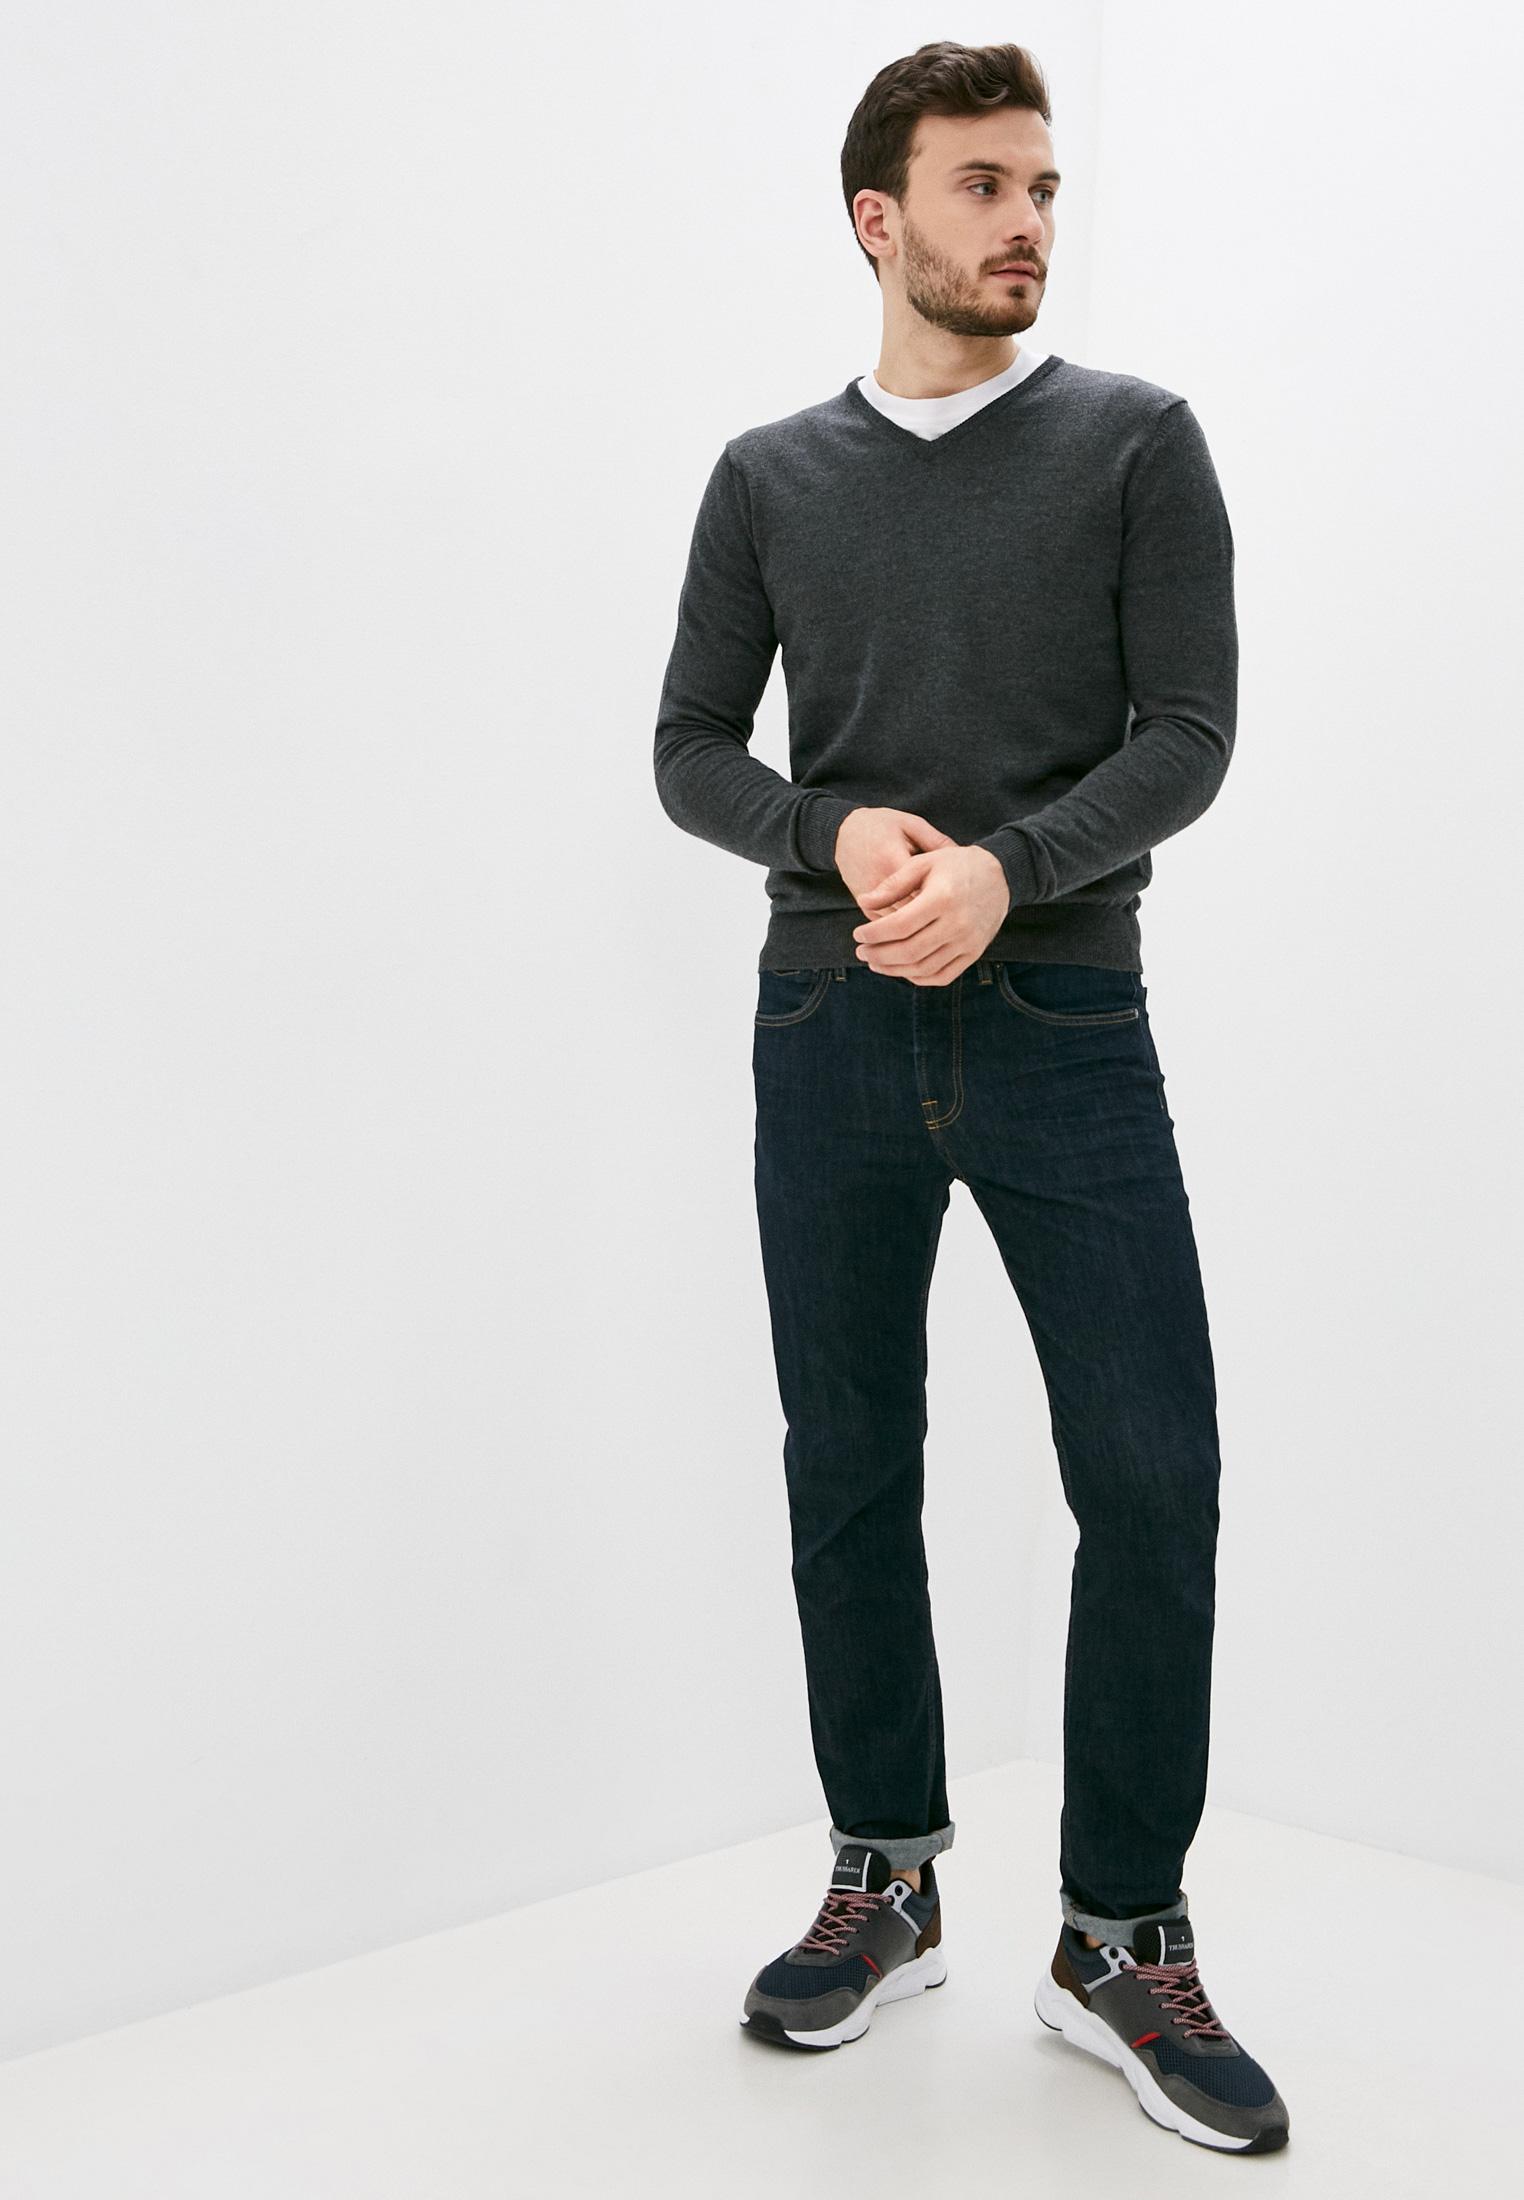 Пуловер Baldinini (Балдинини) MU0210: изображение 3